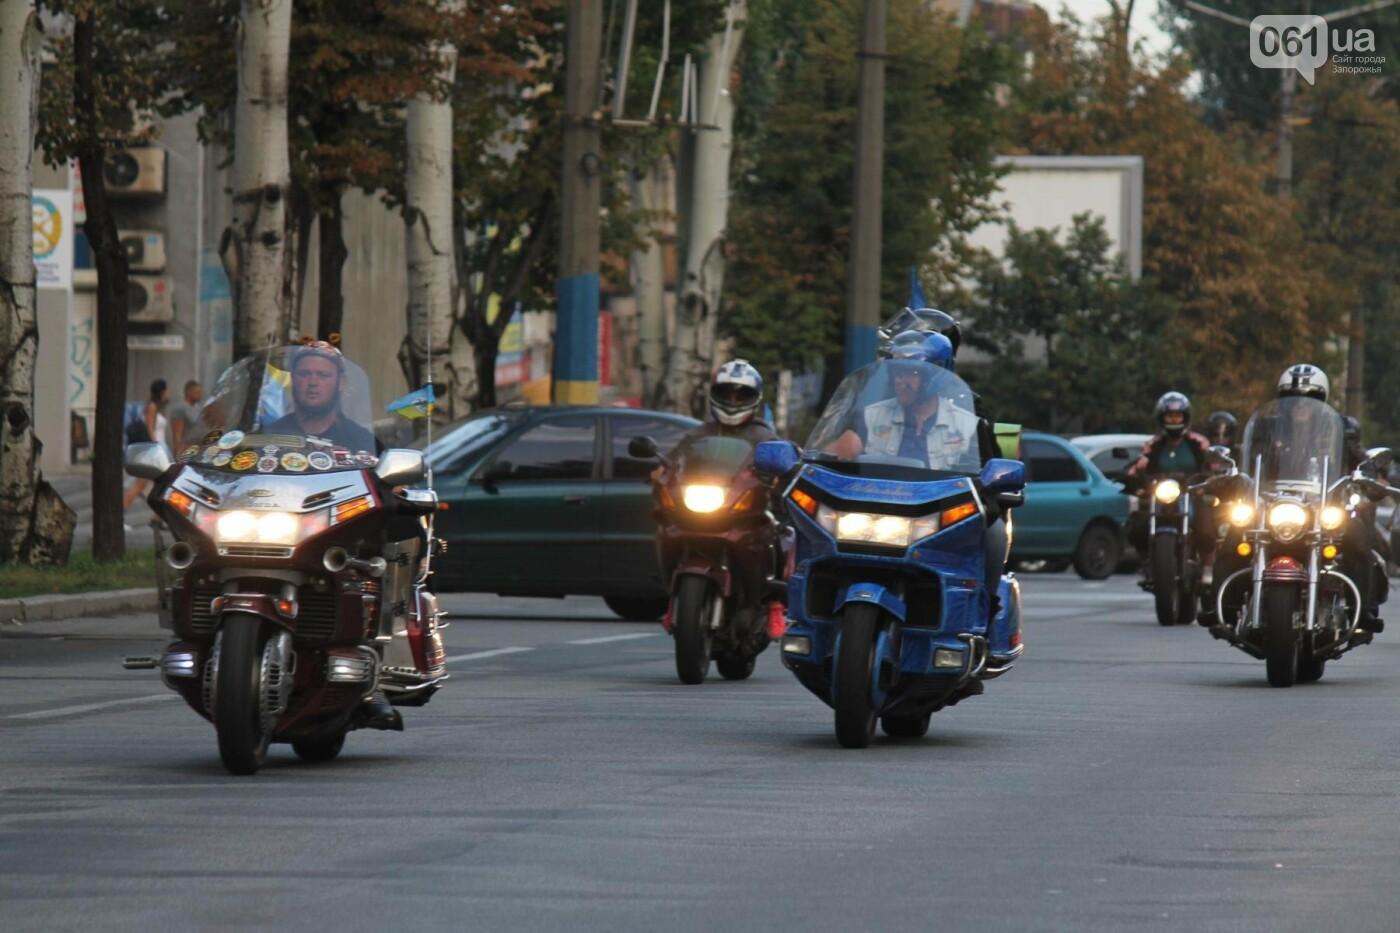 В Запорожье завершился всеукраинский Мотопробег единства, – ФОТОРЕПОРТАЖ, фото-3